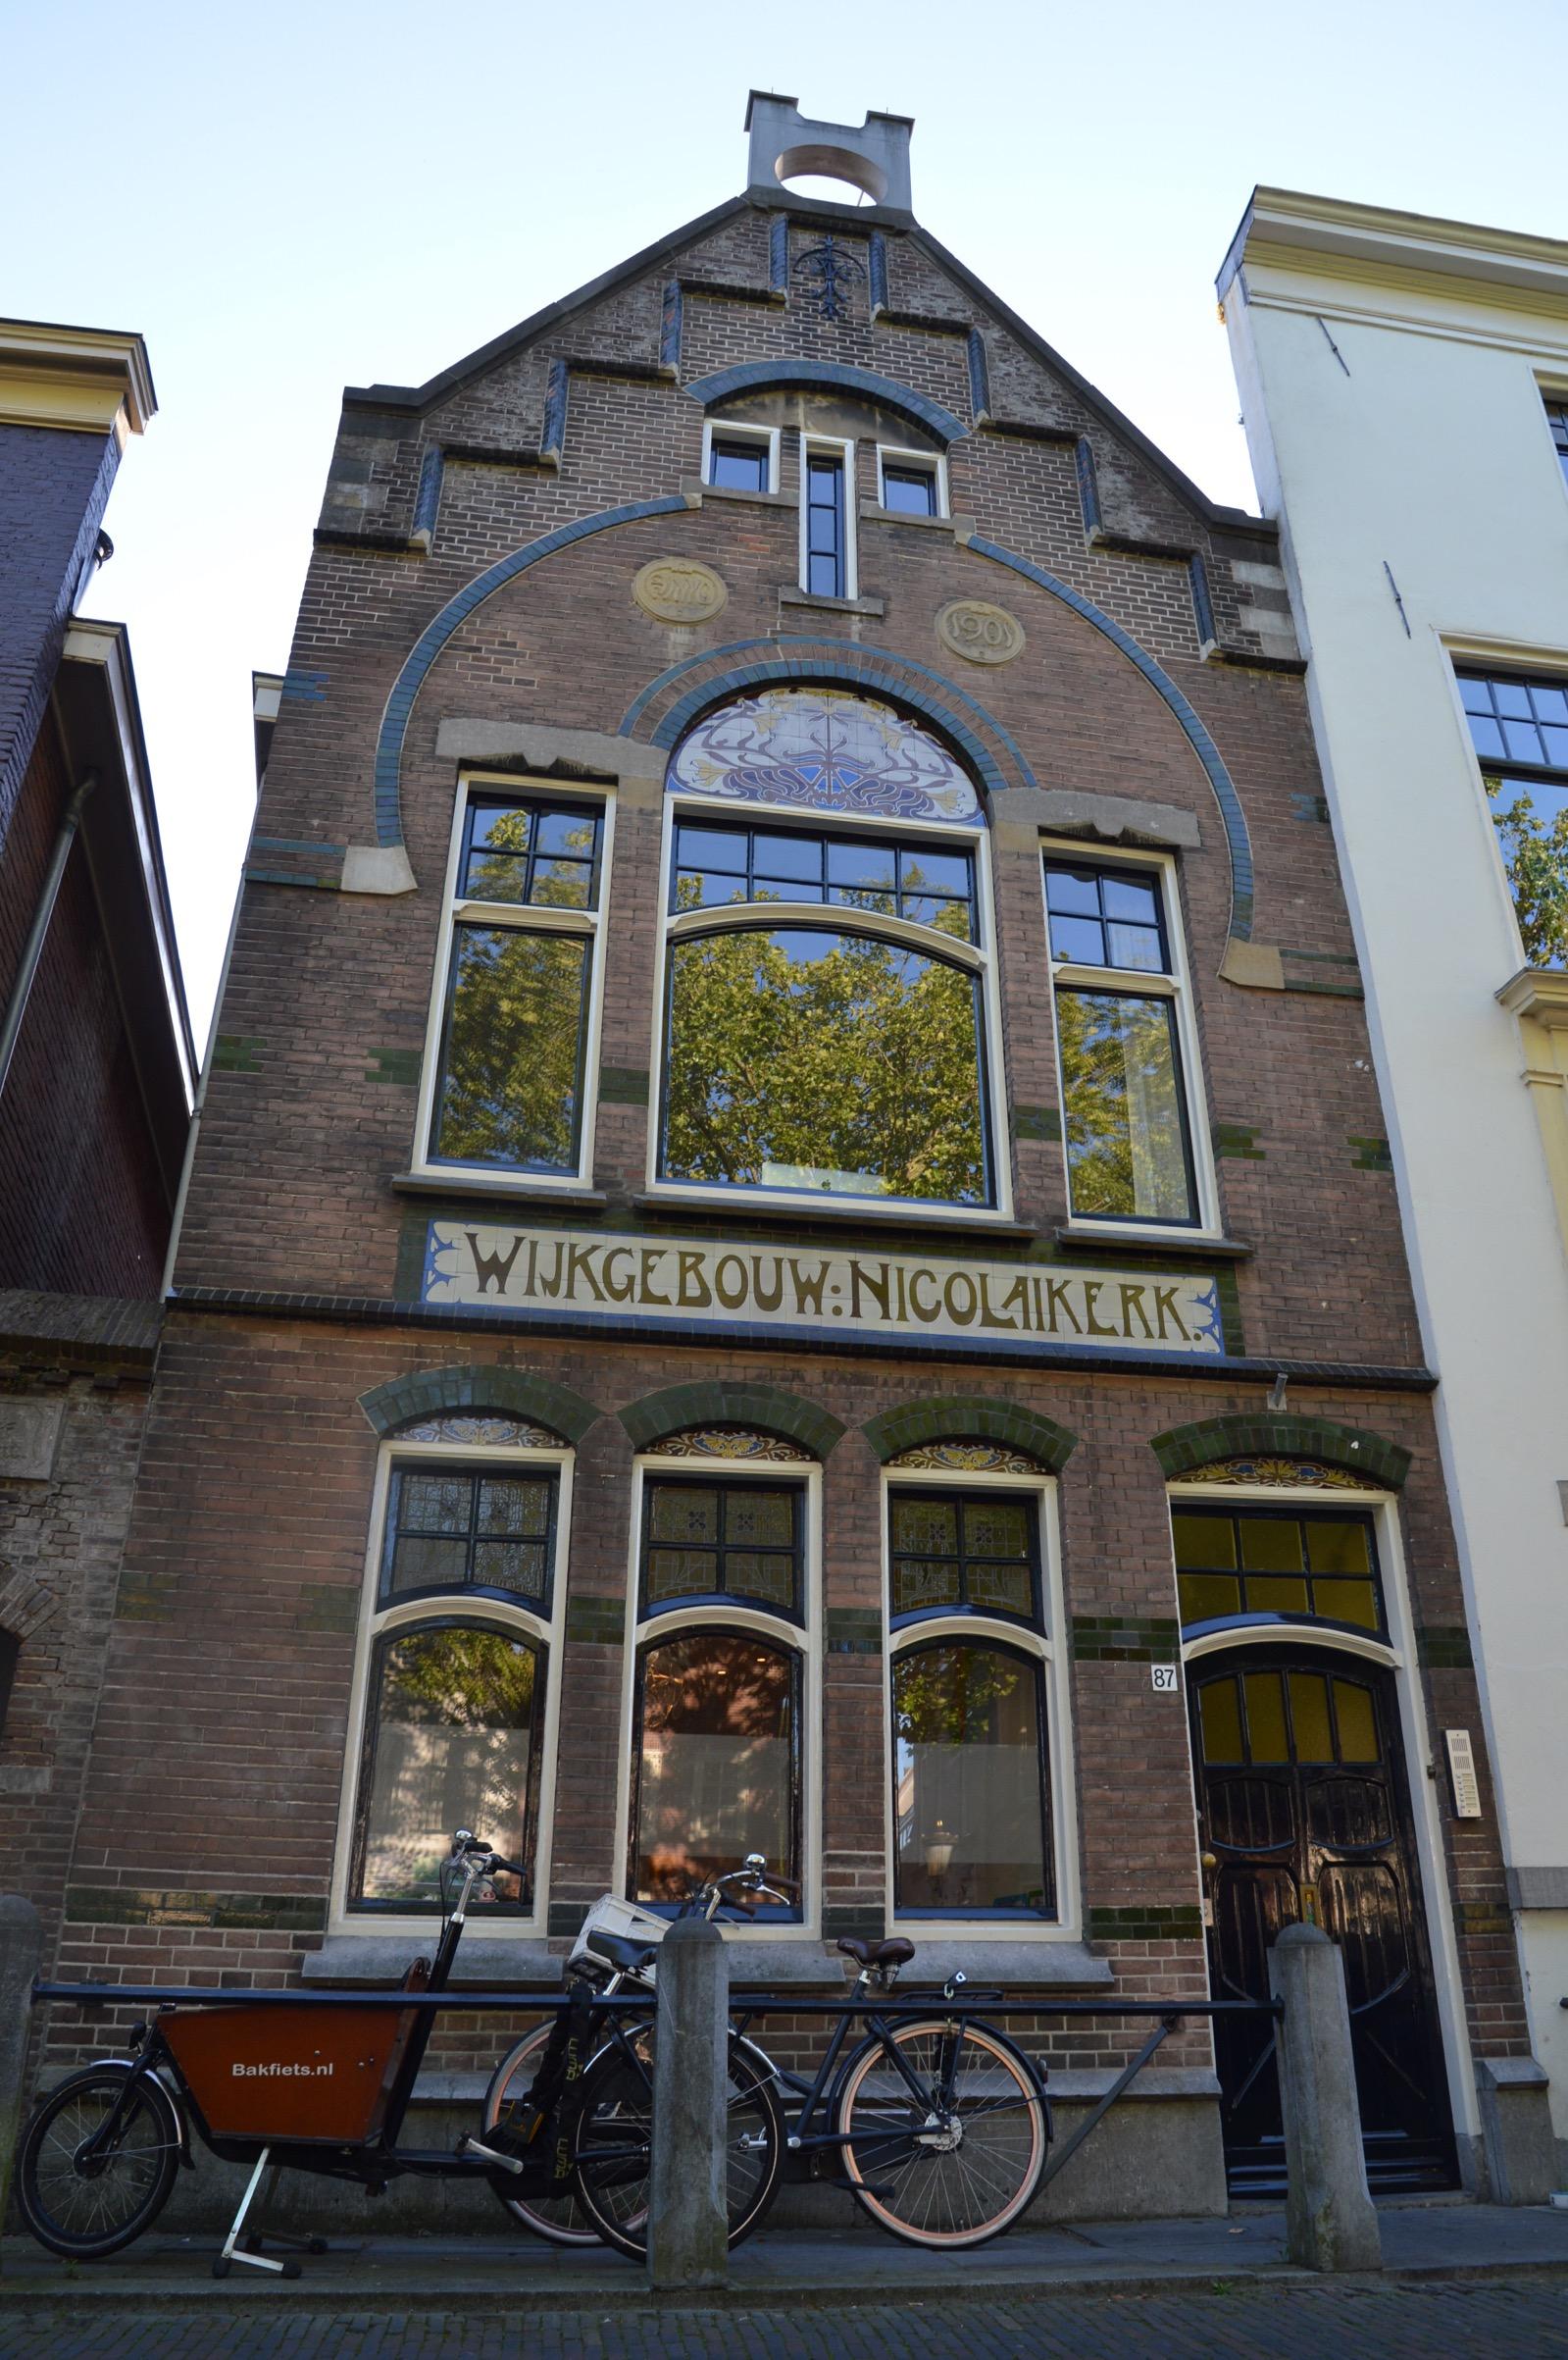 Nieuwegracht 87, Wijkgebouw Nicolaikerk, art nouveau, Utrecht, the Netherlands